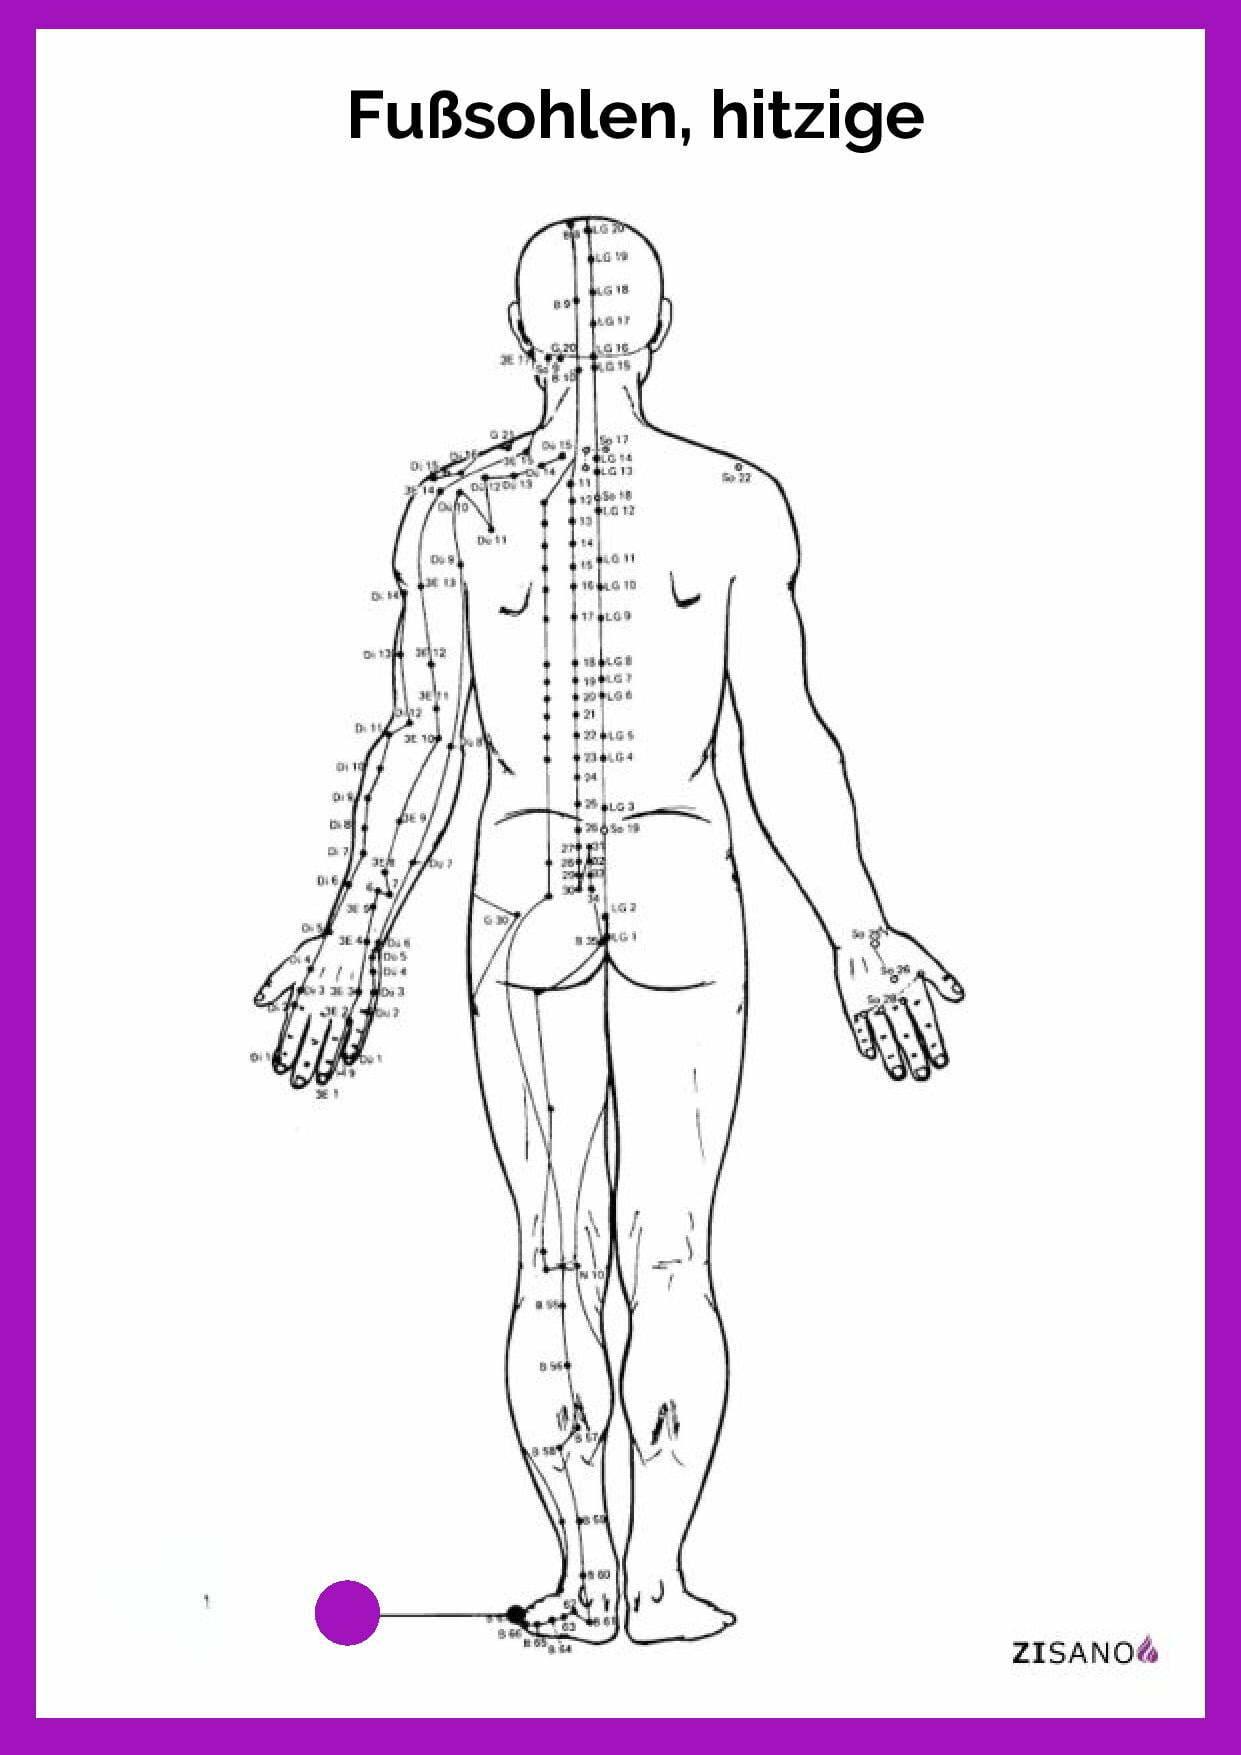 Meridiane - Fußsohlen, hitzige- Behandlung